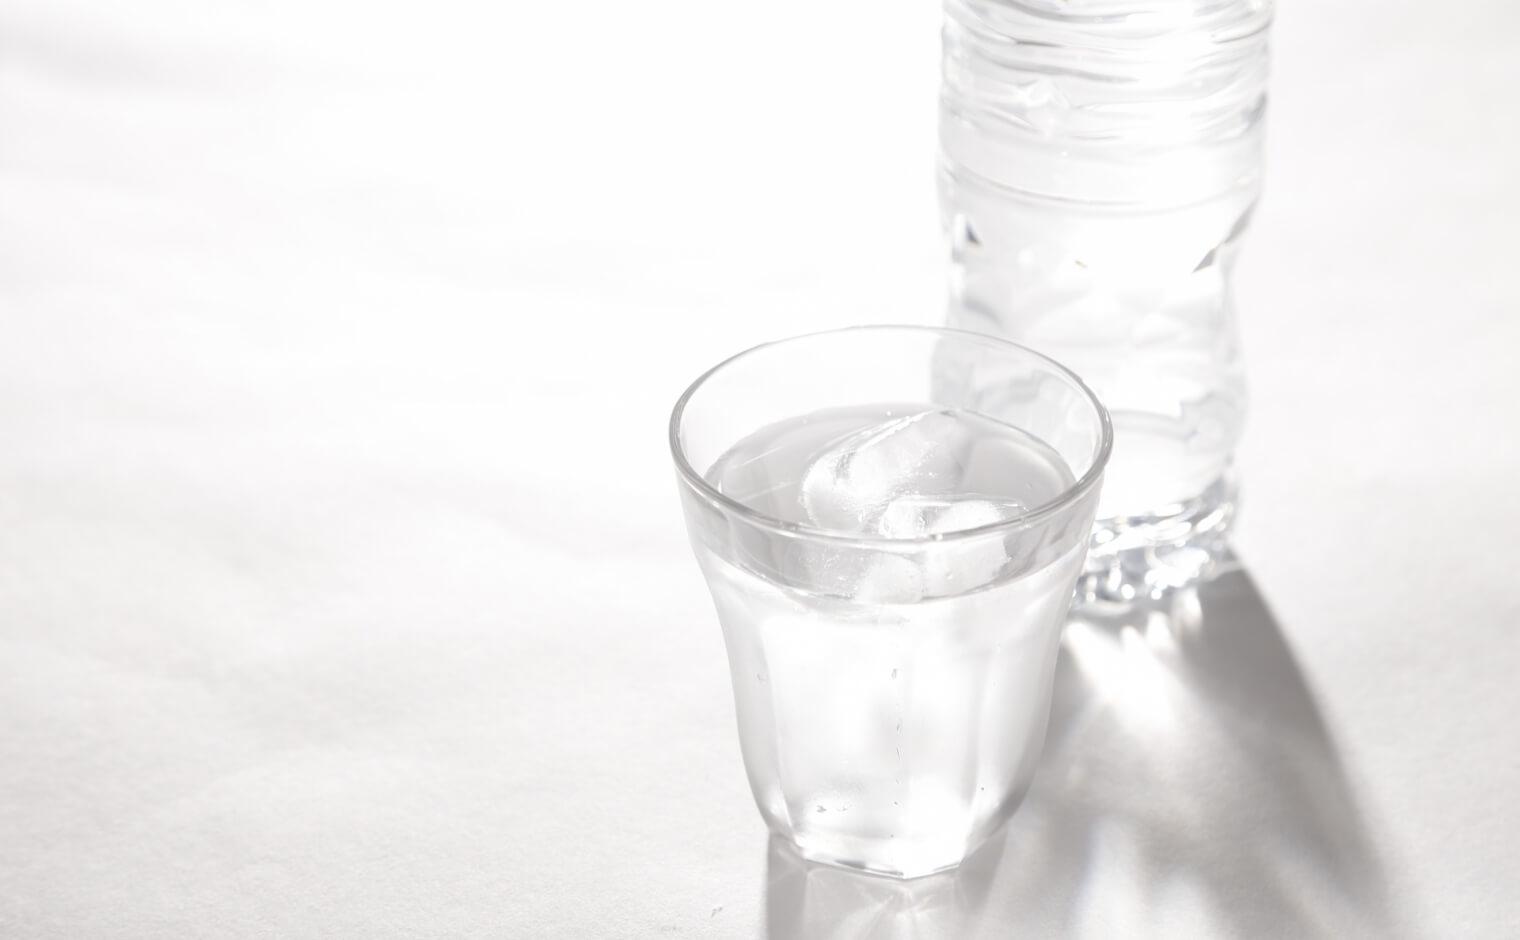 天然水の定義